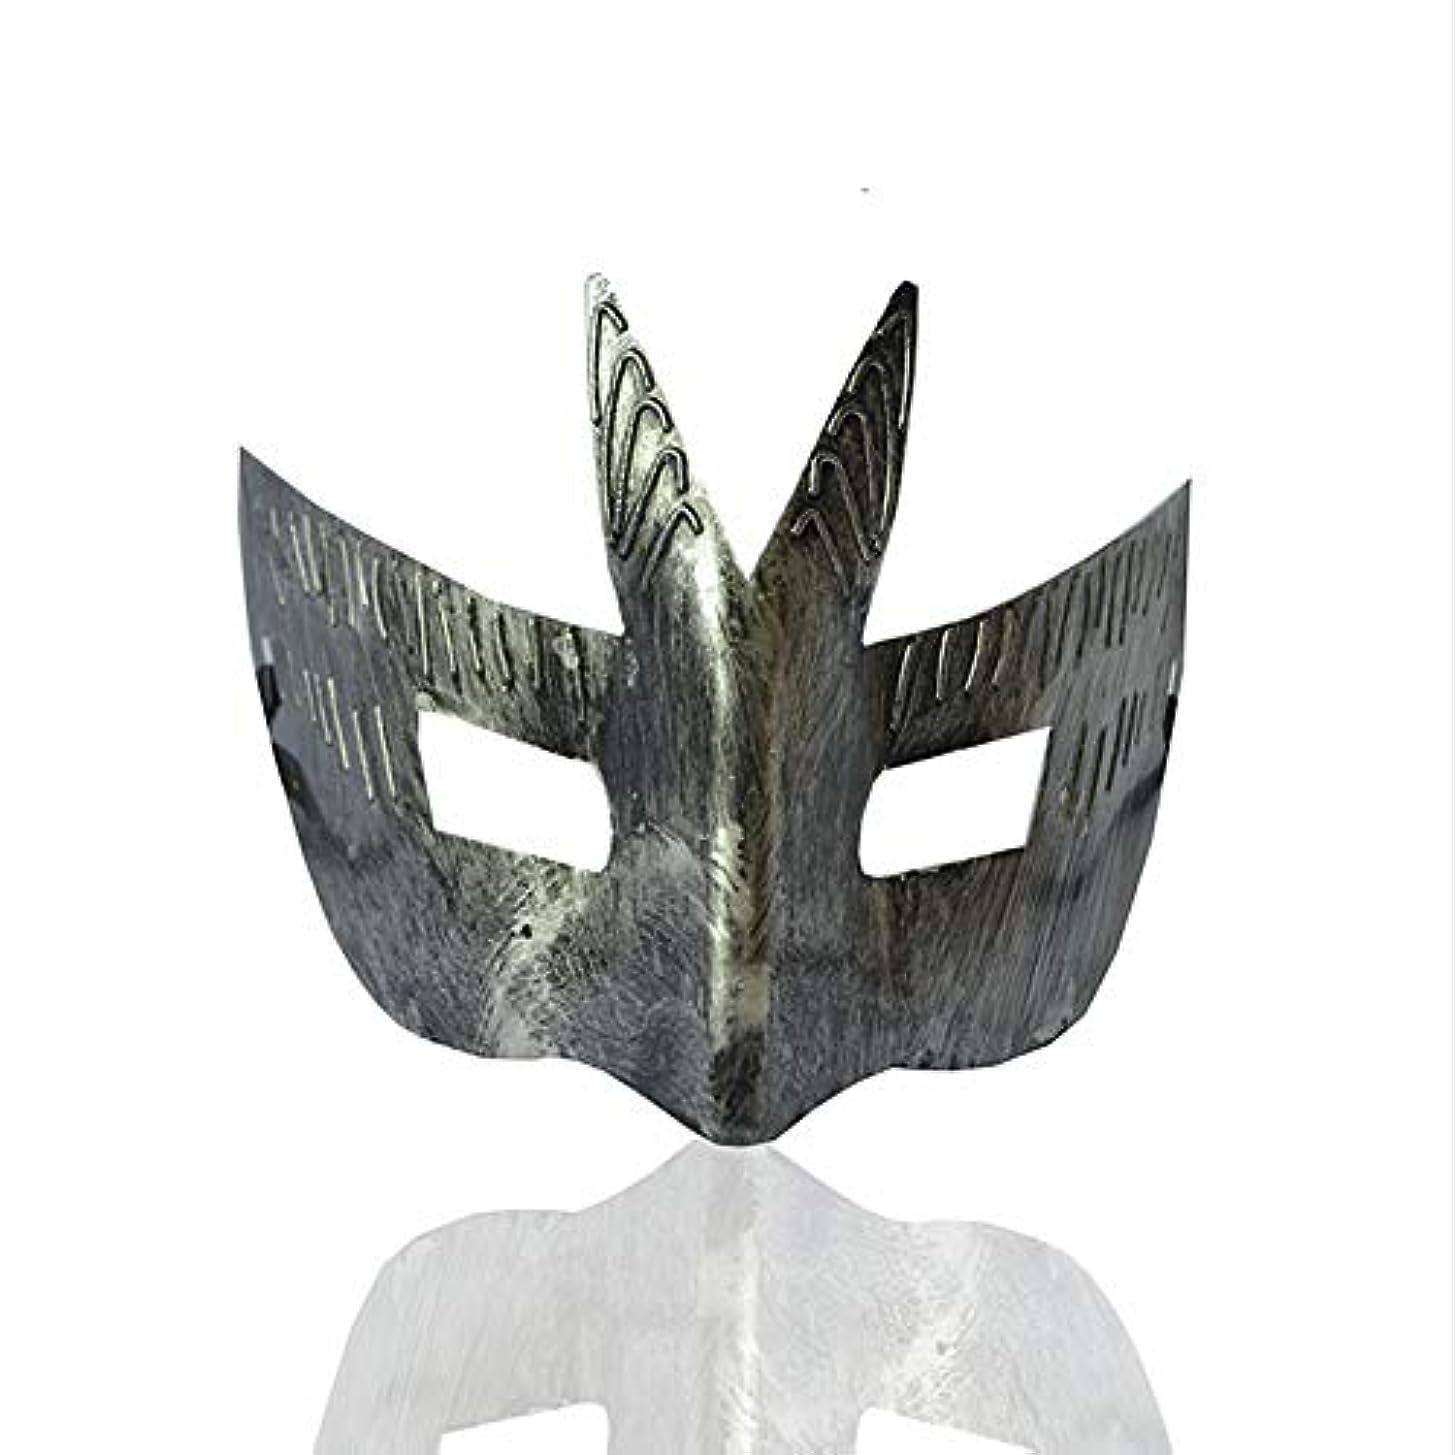 補充ジョブ家具ハロウィーン仮装マスクレトロジャズハーフフェイス男性ダンスマスク (Color : B)